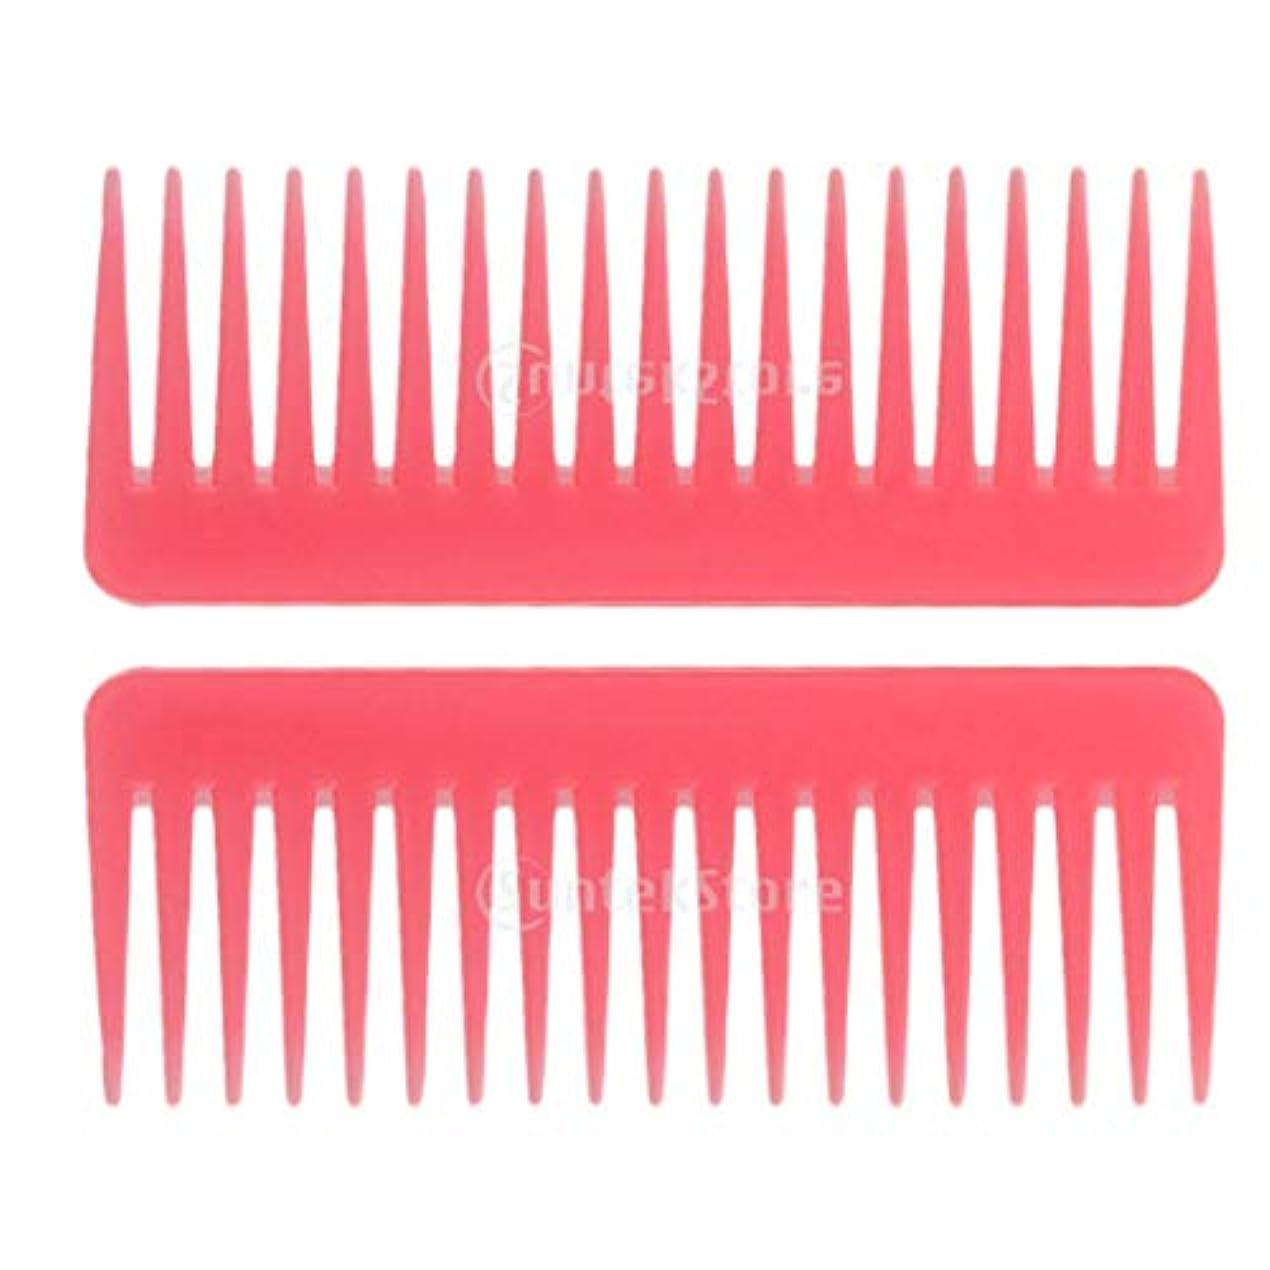 ファイナンス食事策定するヘアブラシ ヘアコーム 静電気防止櫛 広い歯コーム マッサージ サロン 理髪店 ツール 2個セット